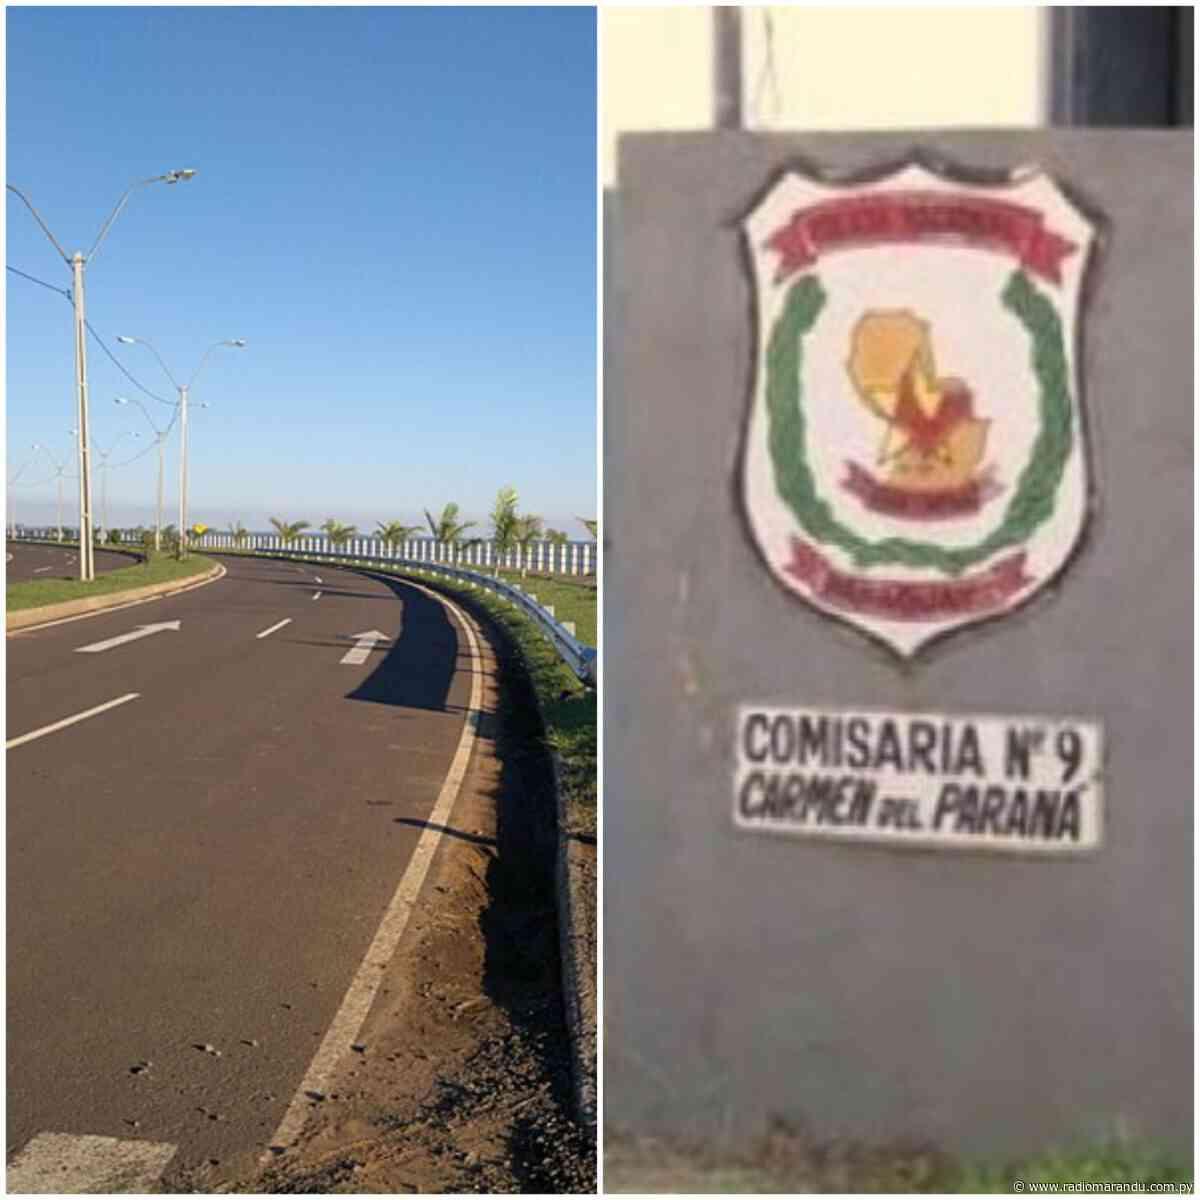 Carmen del Paraná: Paseo por la costanera termina con incautación de vehículo - radiomarandu.com.py